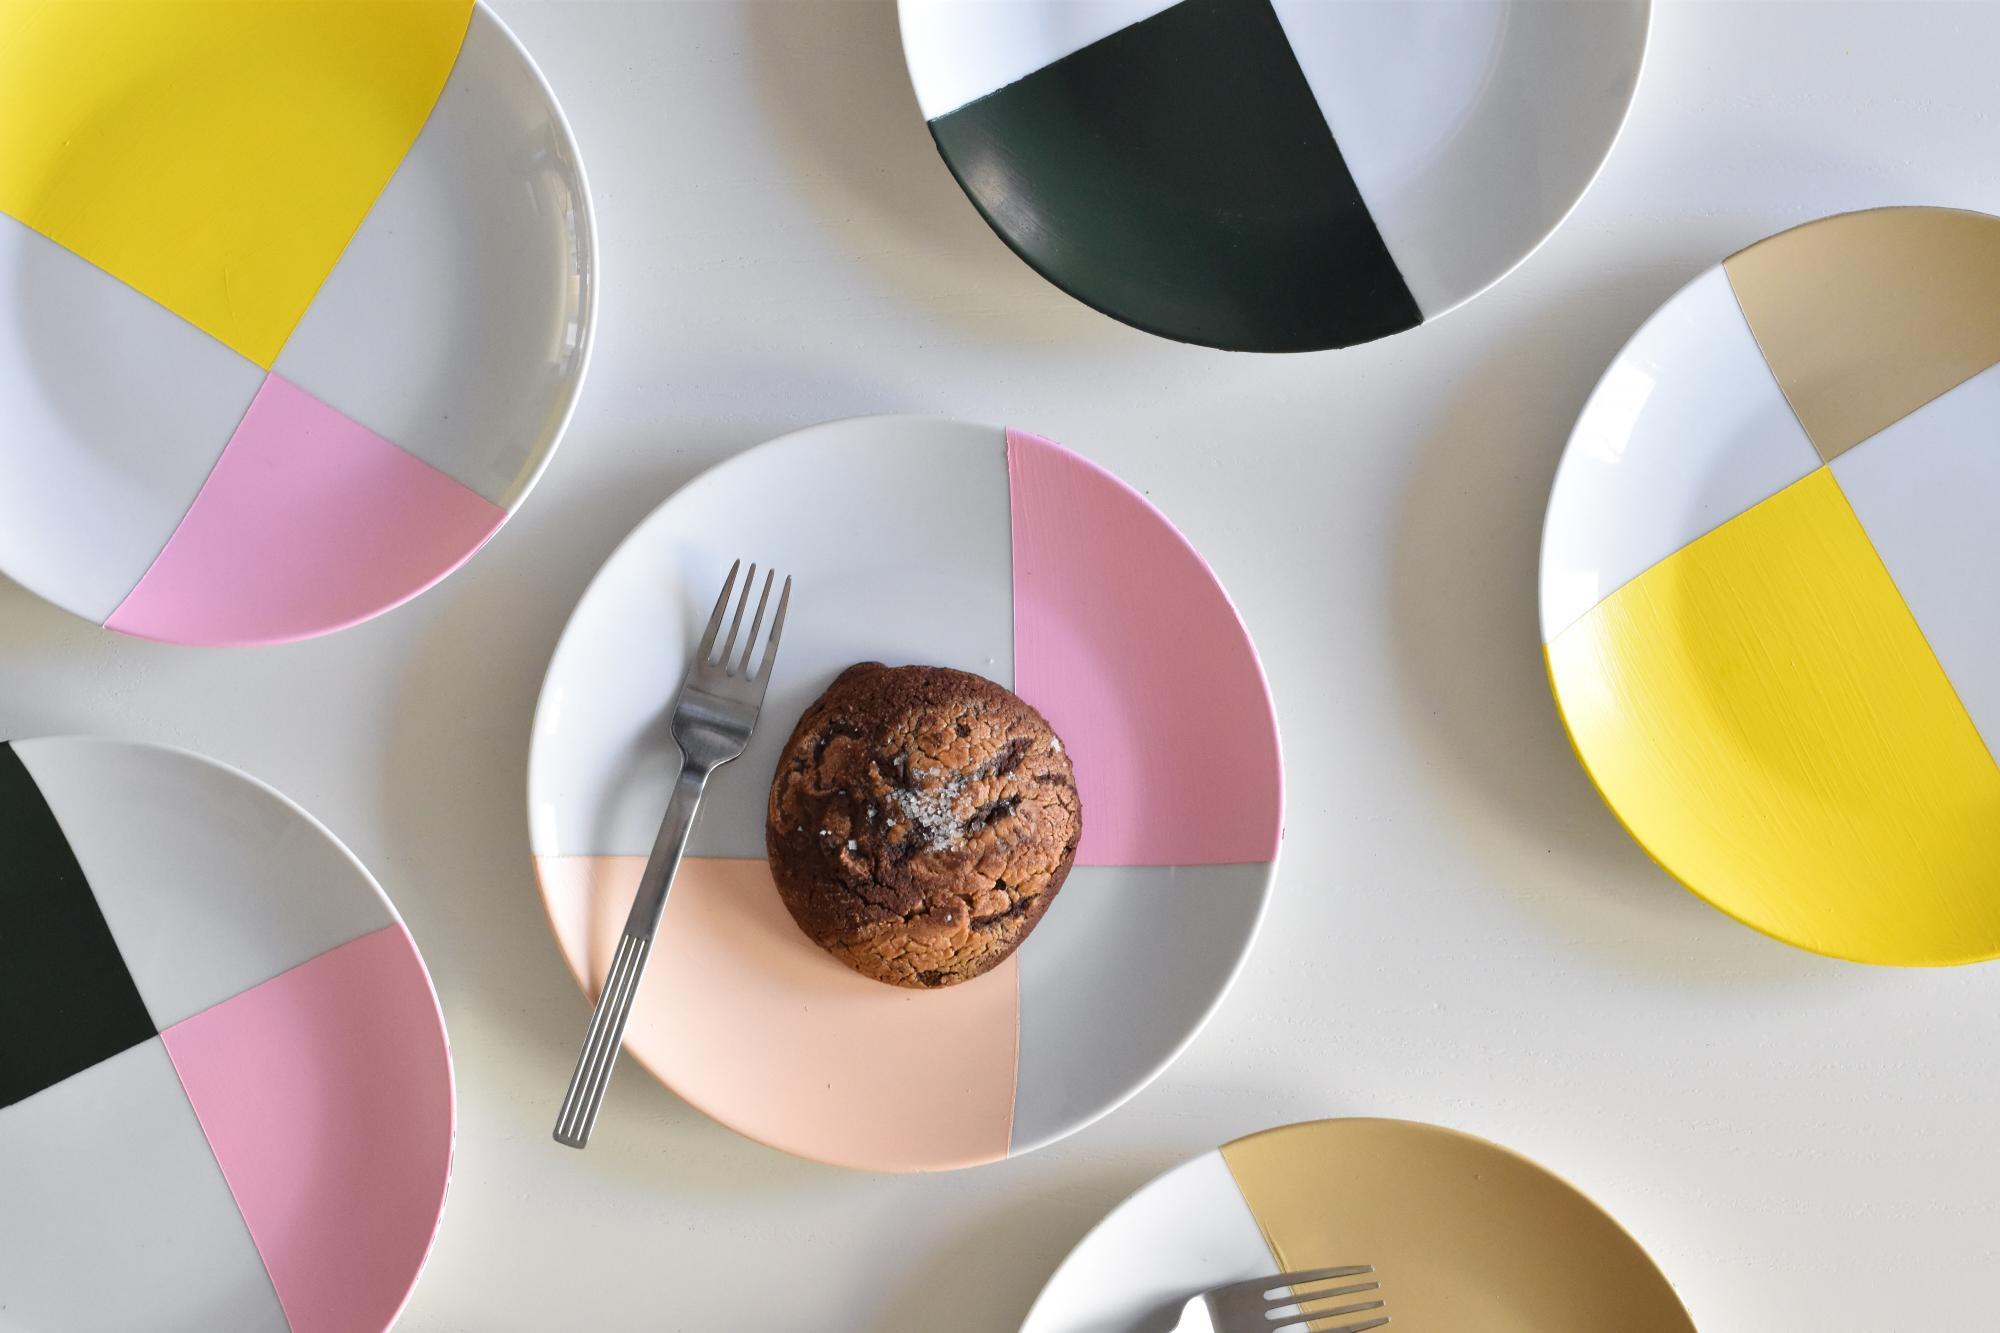 DIY : comment réaliser des assiettes colorées?